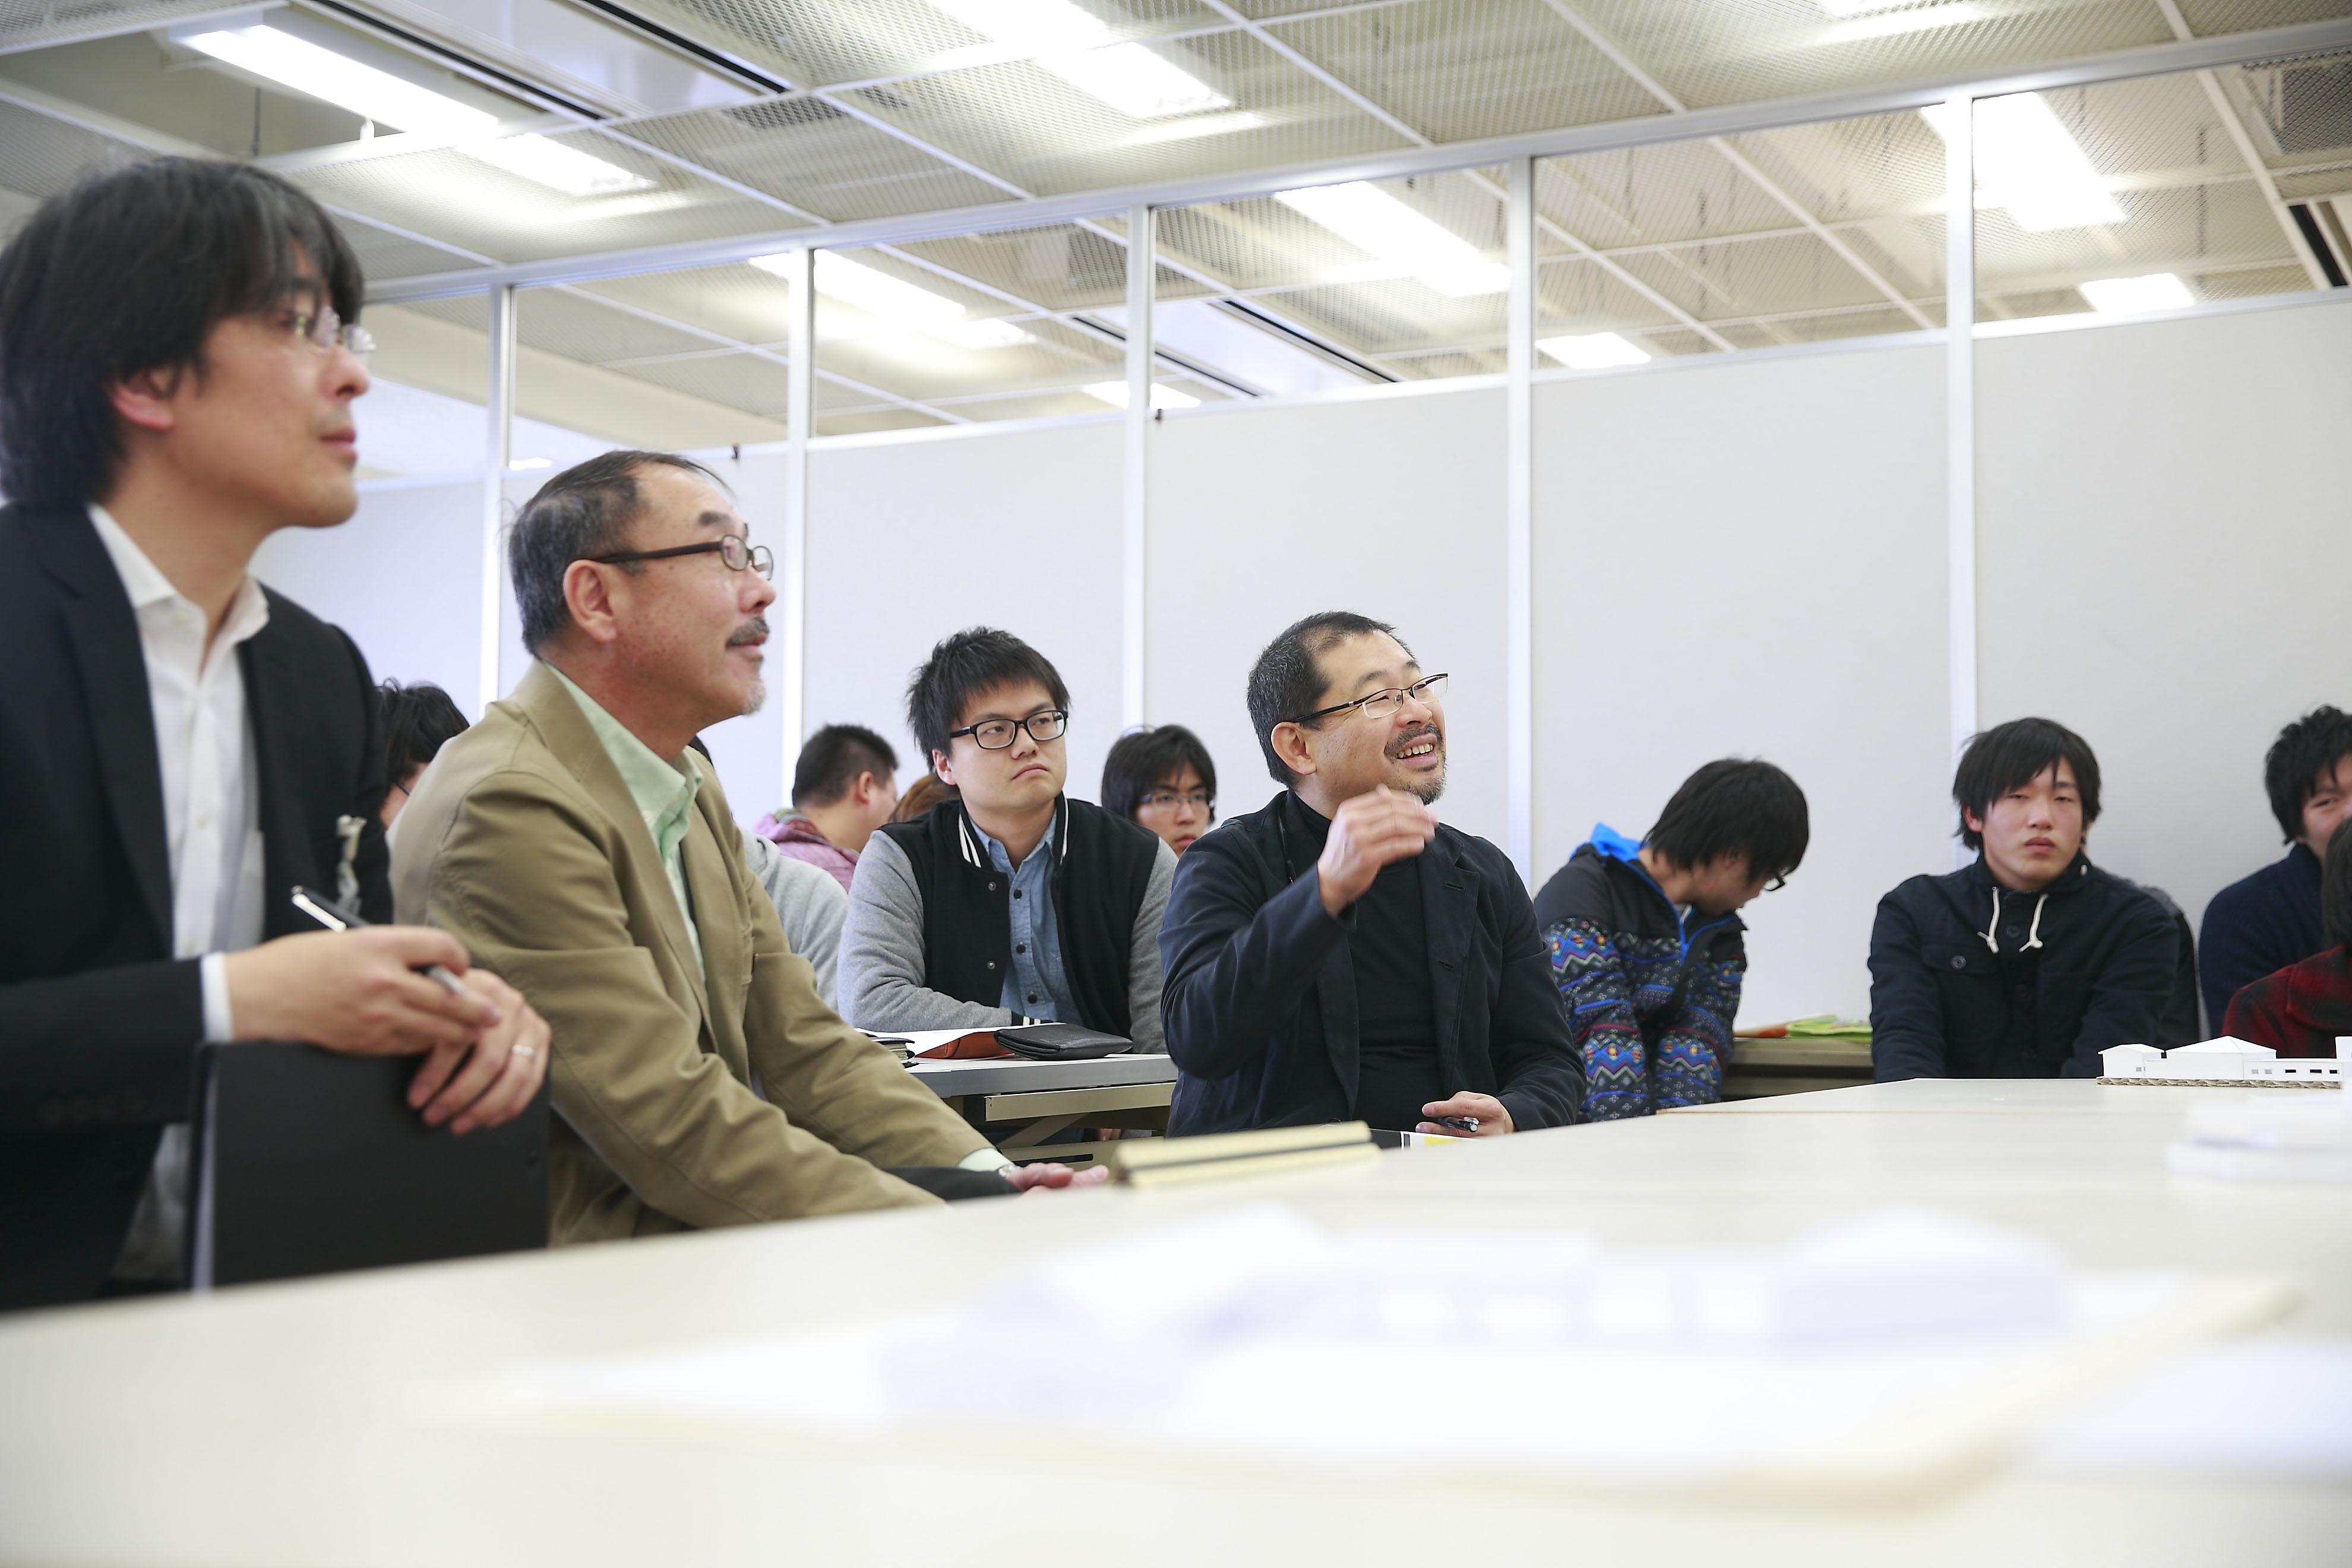 経験豊富な講師陣による充実した専門教育のイメージ